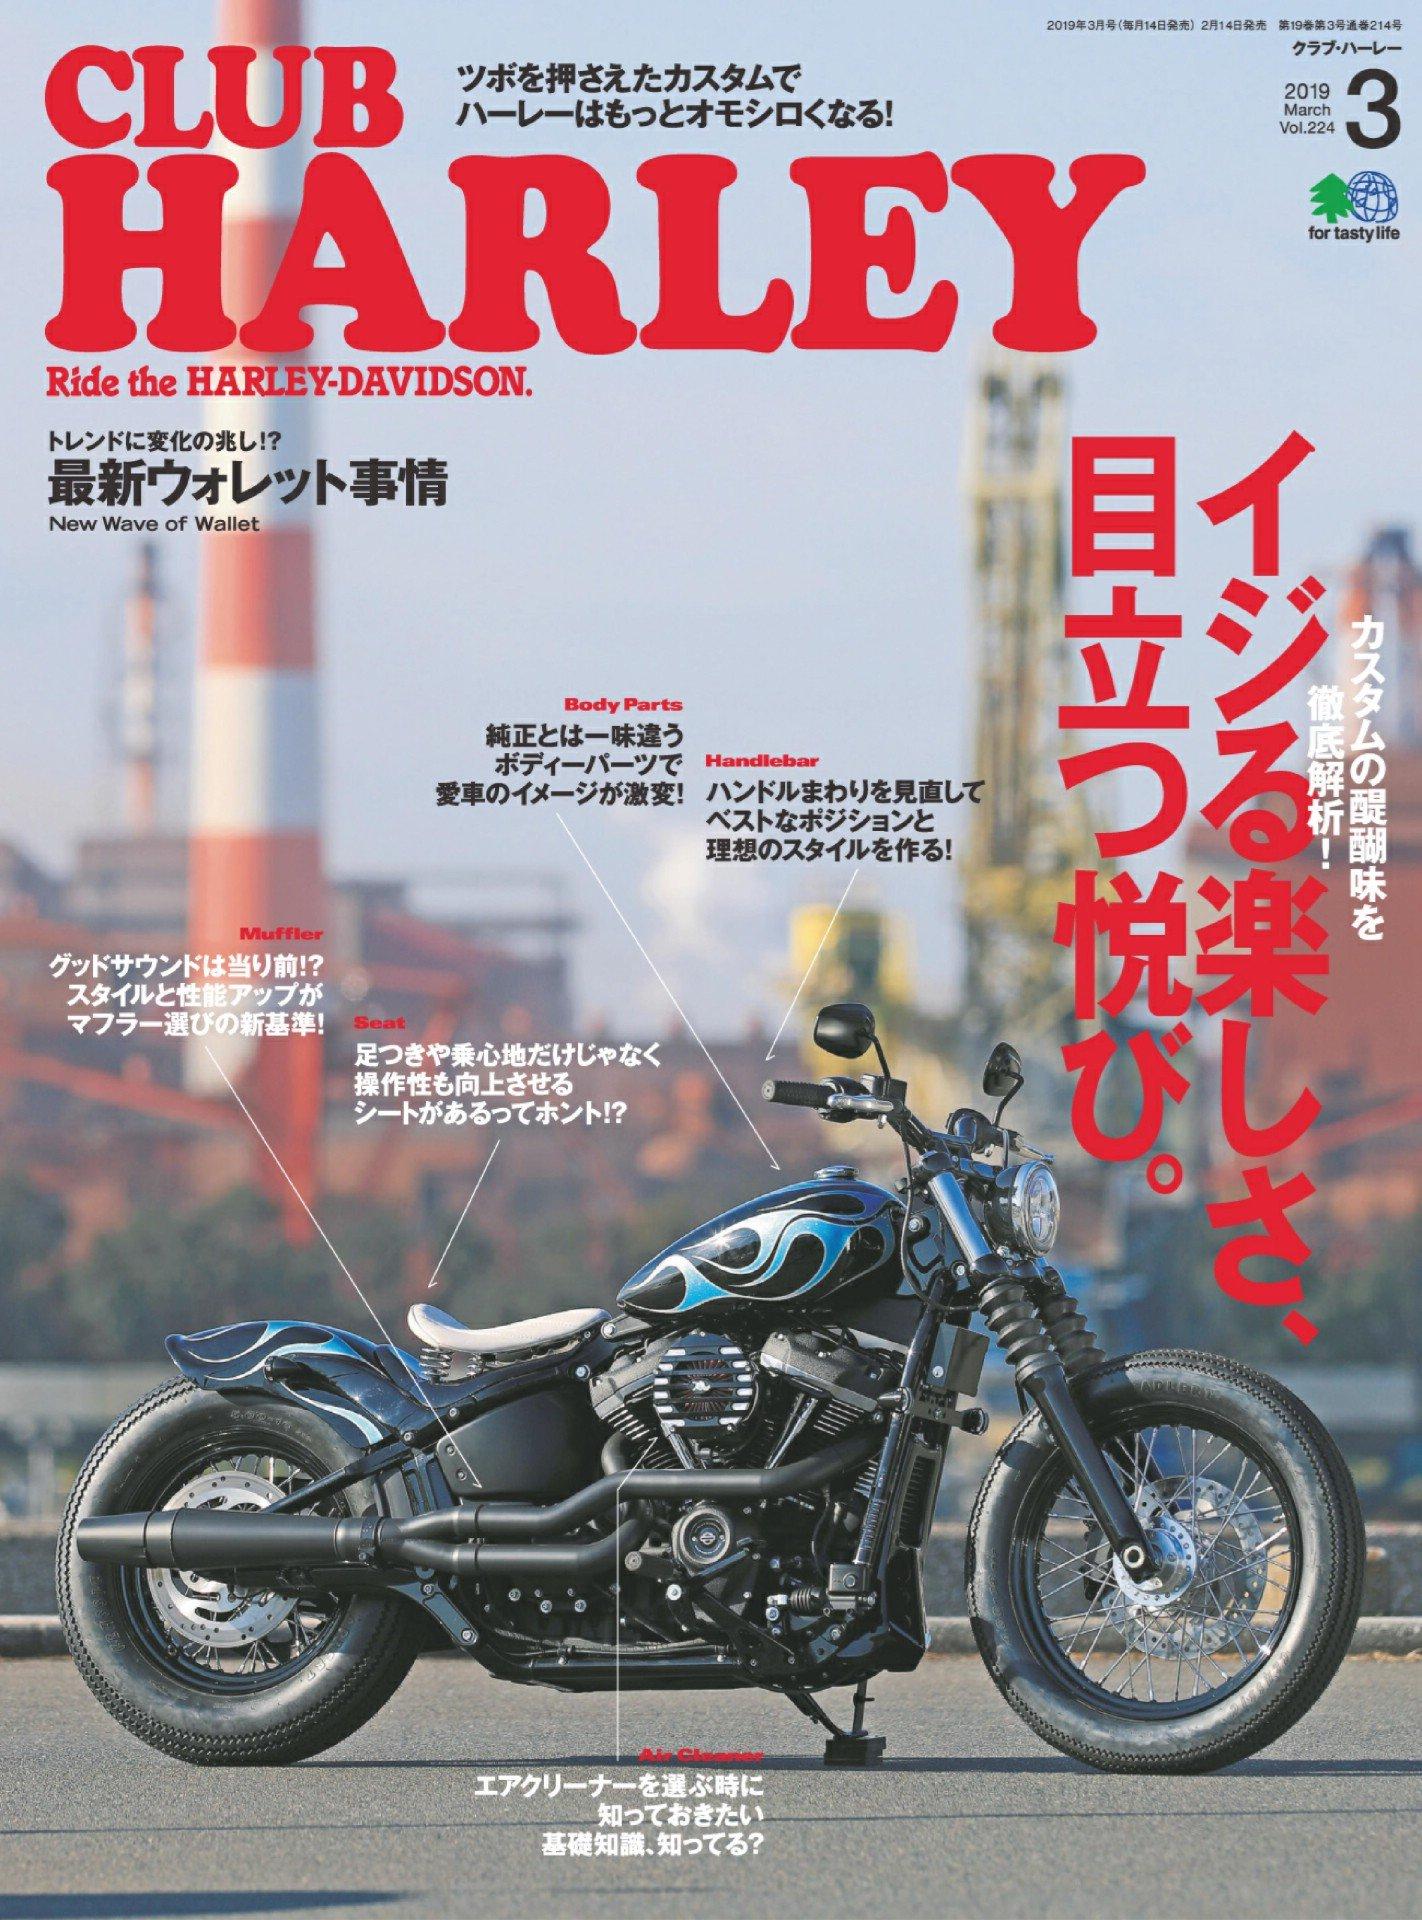 Japan magazines PDF free download